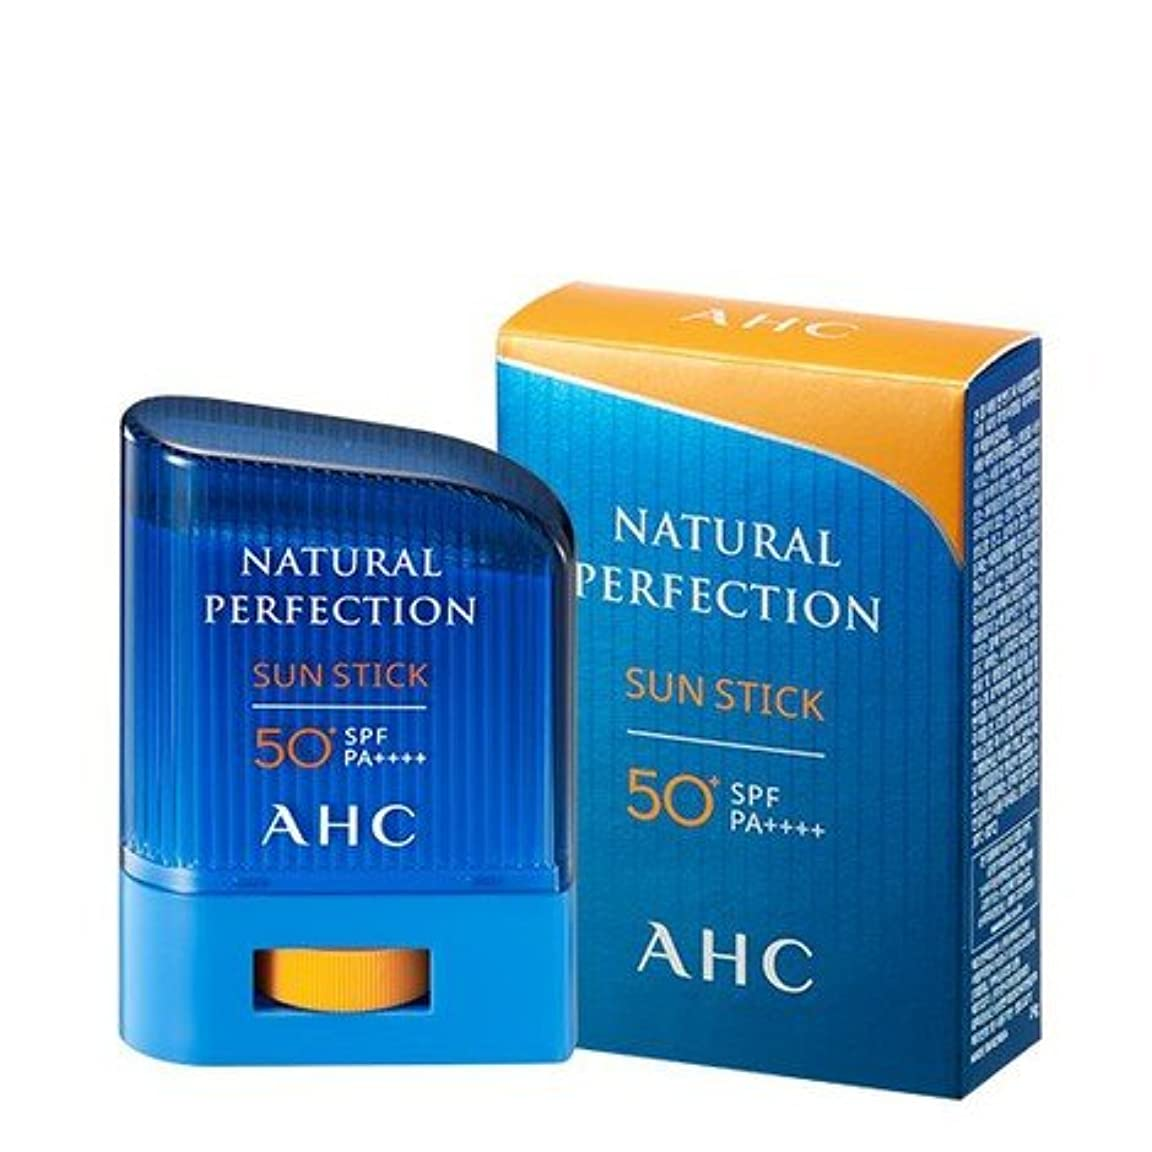 アソシエイト役割検出器[Renewal 最新] AHCナチュラルパーフェクション線スティック / AHC NATURAL PERFECTION SUN STICK [SPF 50+ / PA ++++] [並行輸入品] (14g)